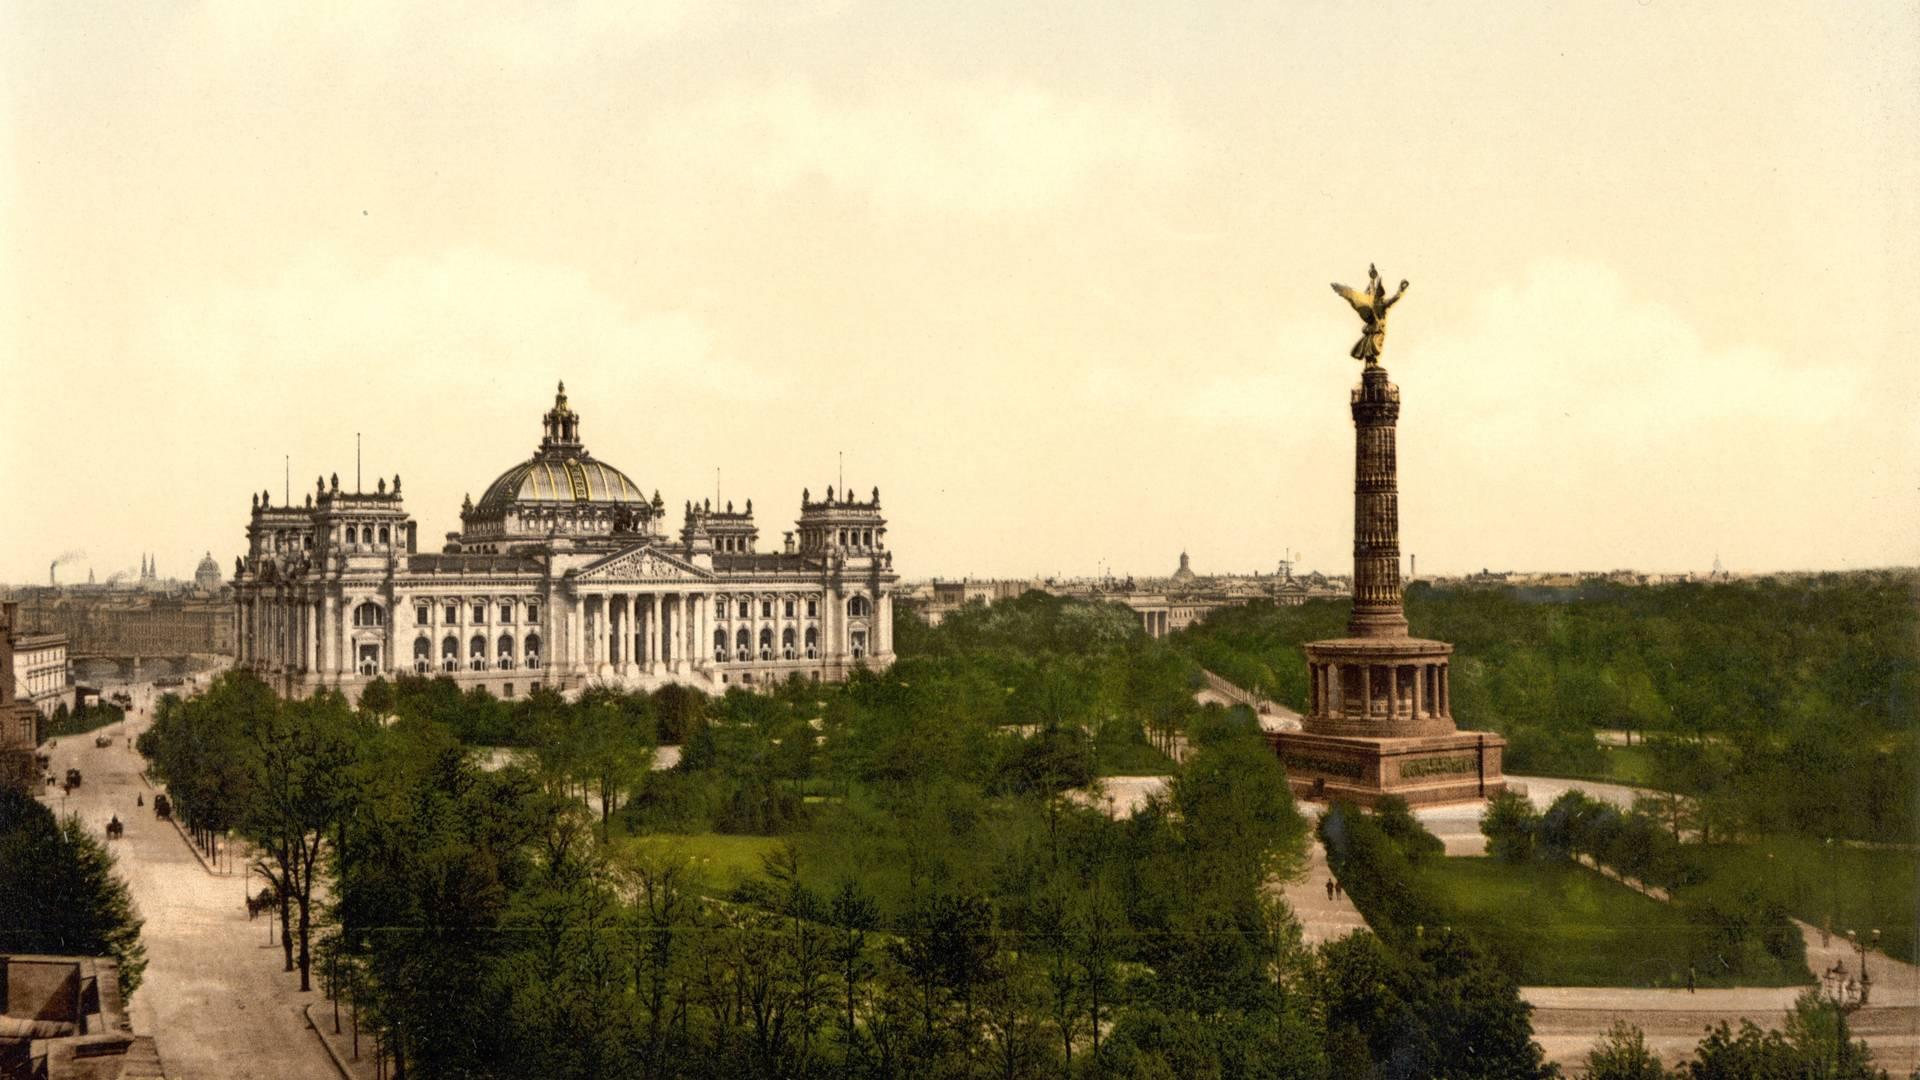 Колонна Победы в парке Тиргартен. Берлин.